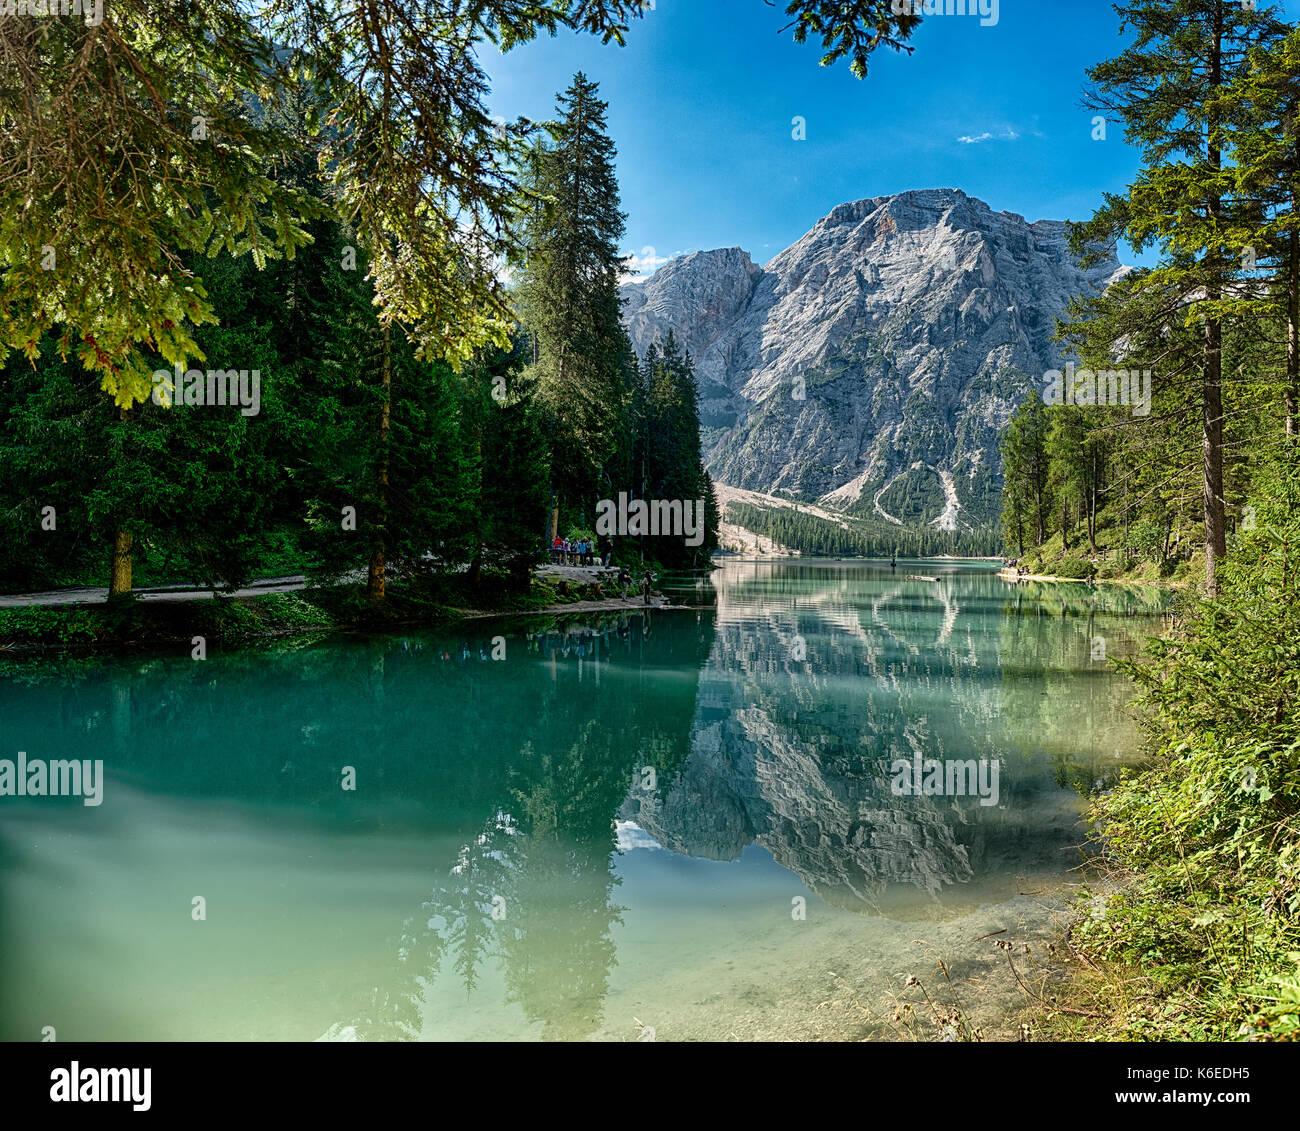 Landschaft der See von Bries und Mount Croda del Becco im Hintergrund mit blauer Himmel am Horizont, Dolomiten - Südtirol, Italien Stockbild